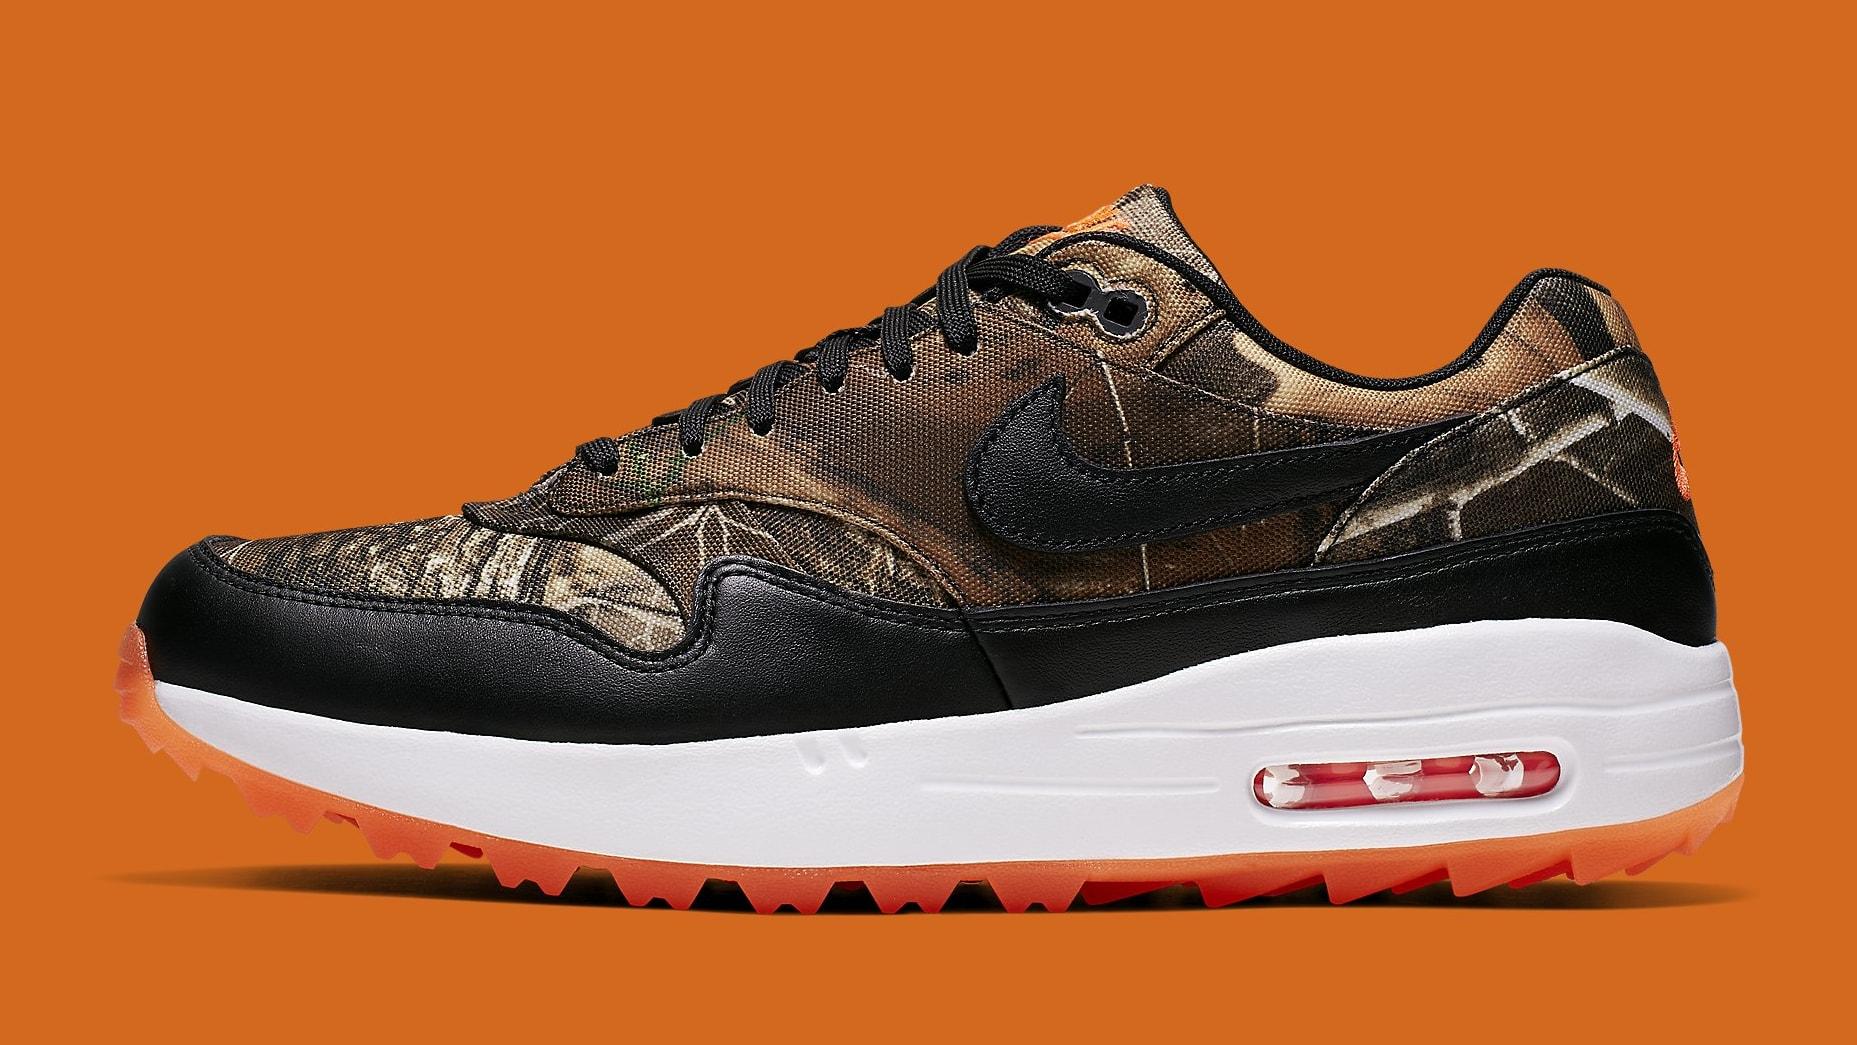 nike-air-max-1-golf-nrg-bq4804-210-lateral